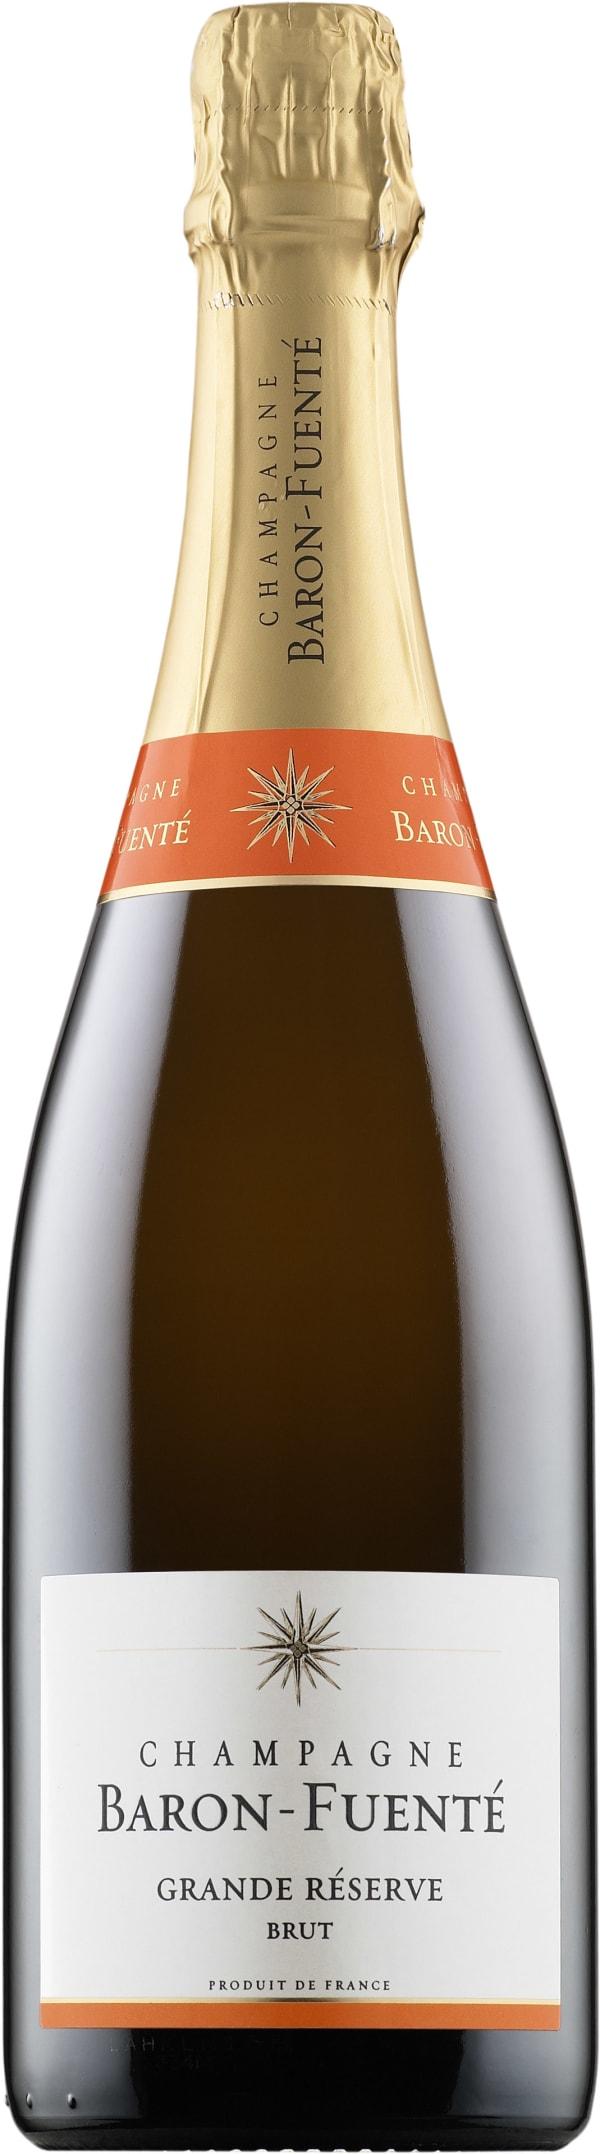 Baron-Fuenté Grande Réserve Champagne Brut